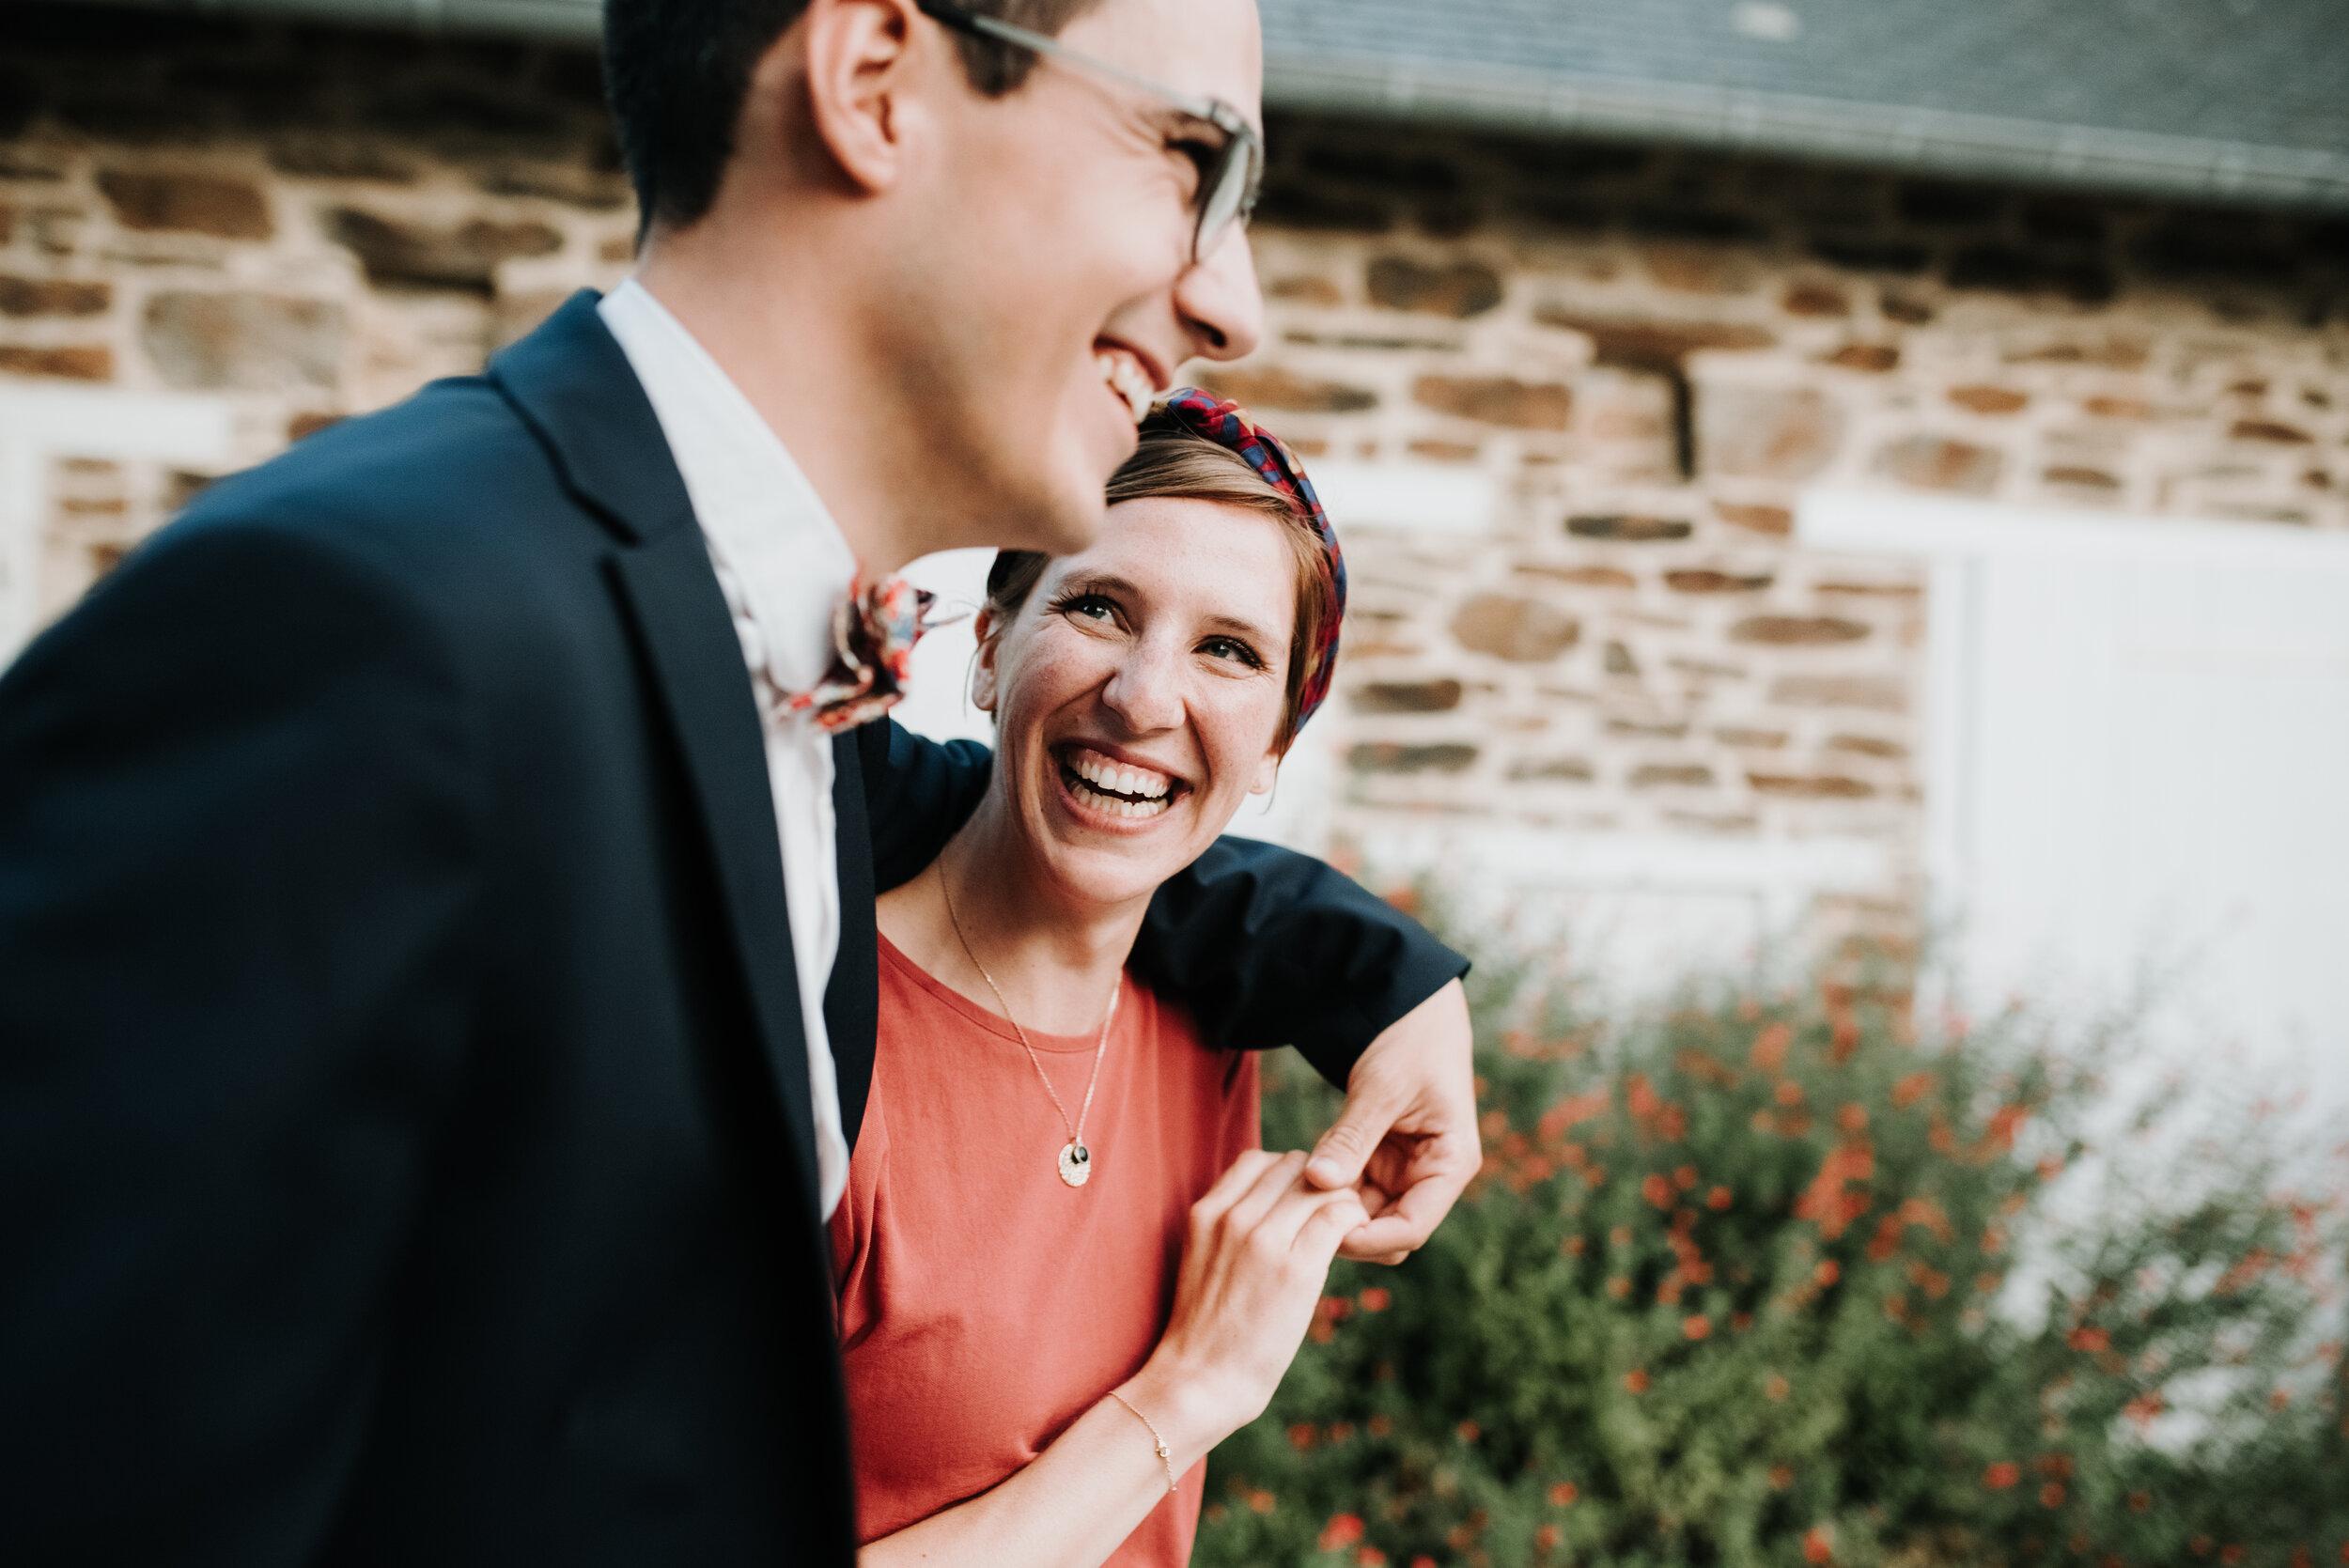 Léa-Fery-photographe-professionnel-Bretagne-portrait-creation-mariage-evenement-evenementiel-famille-2463.jpg